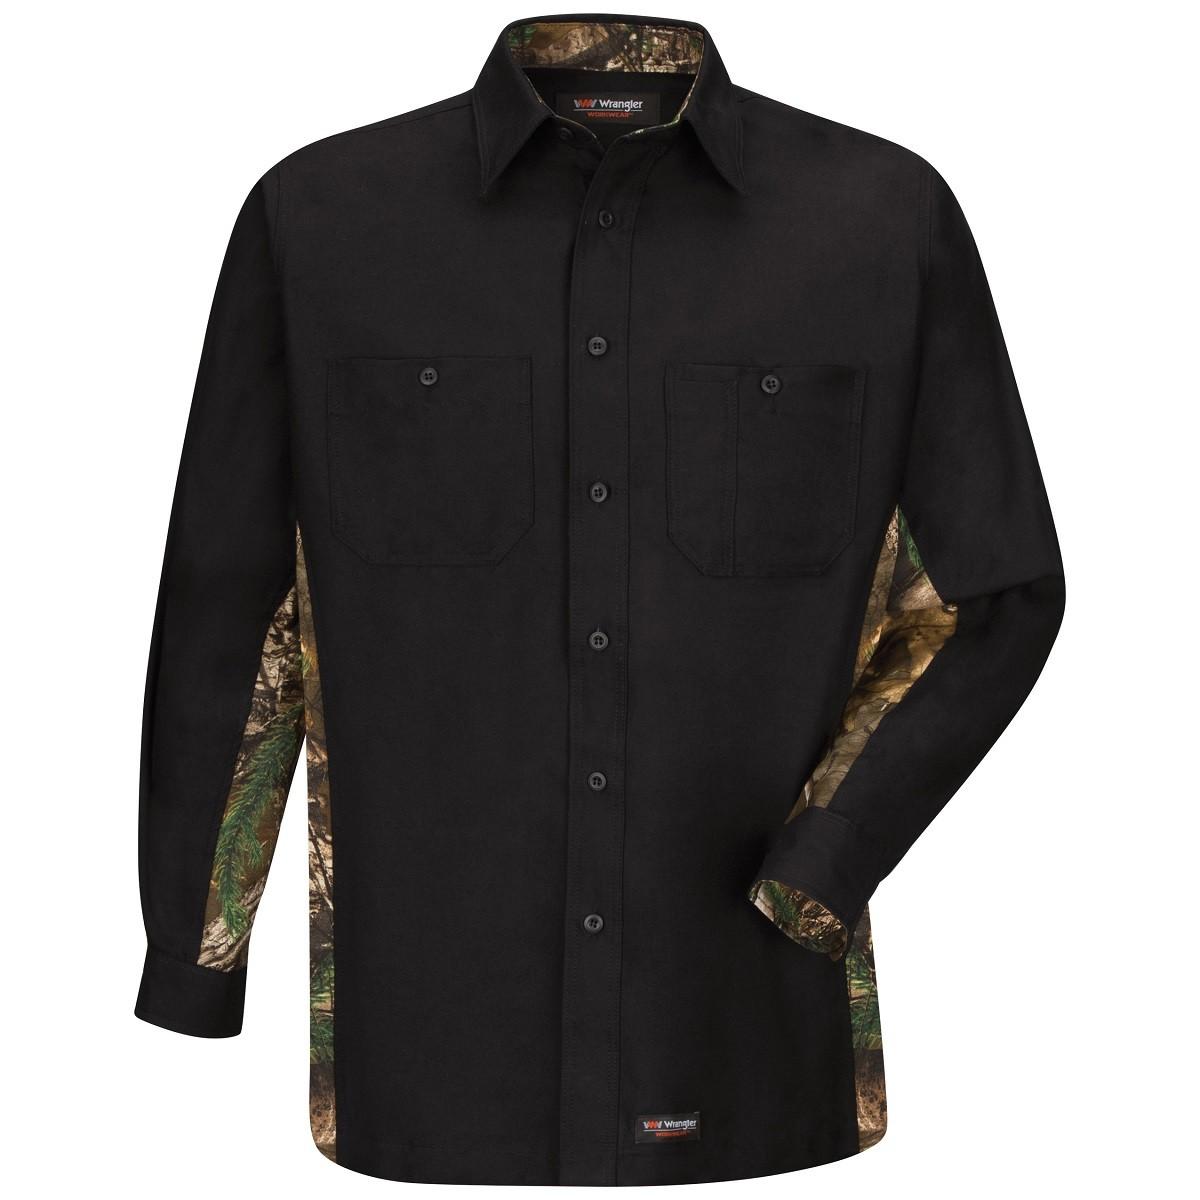 Wrangler ws30 men 39 s long sleeve camo work shirt black for Black long sleeve work shirt